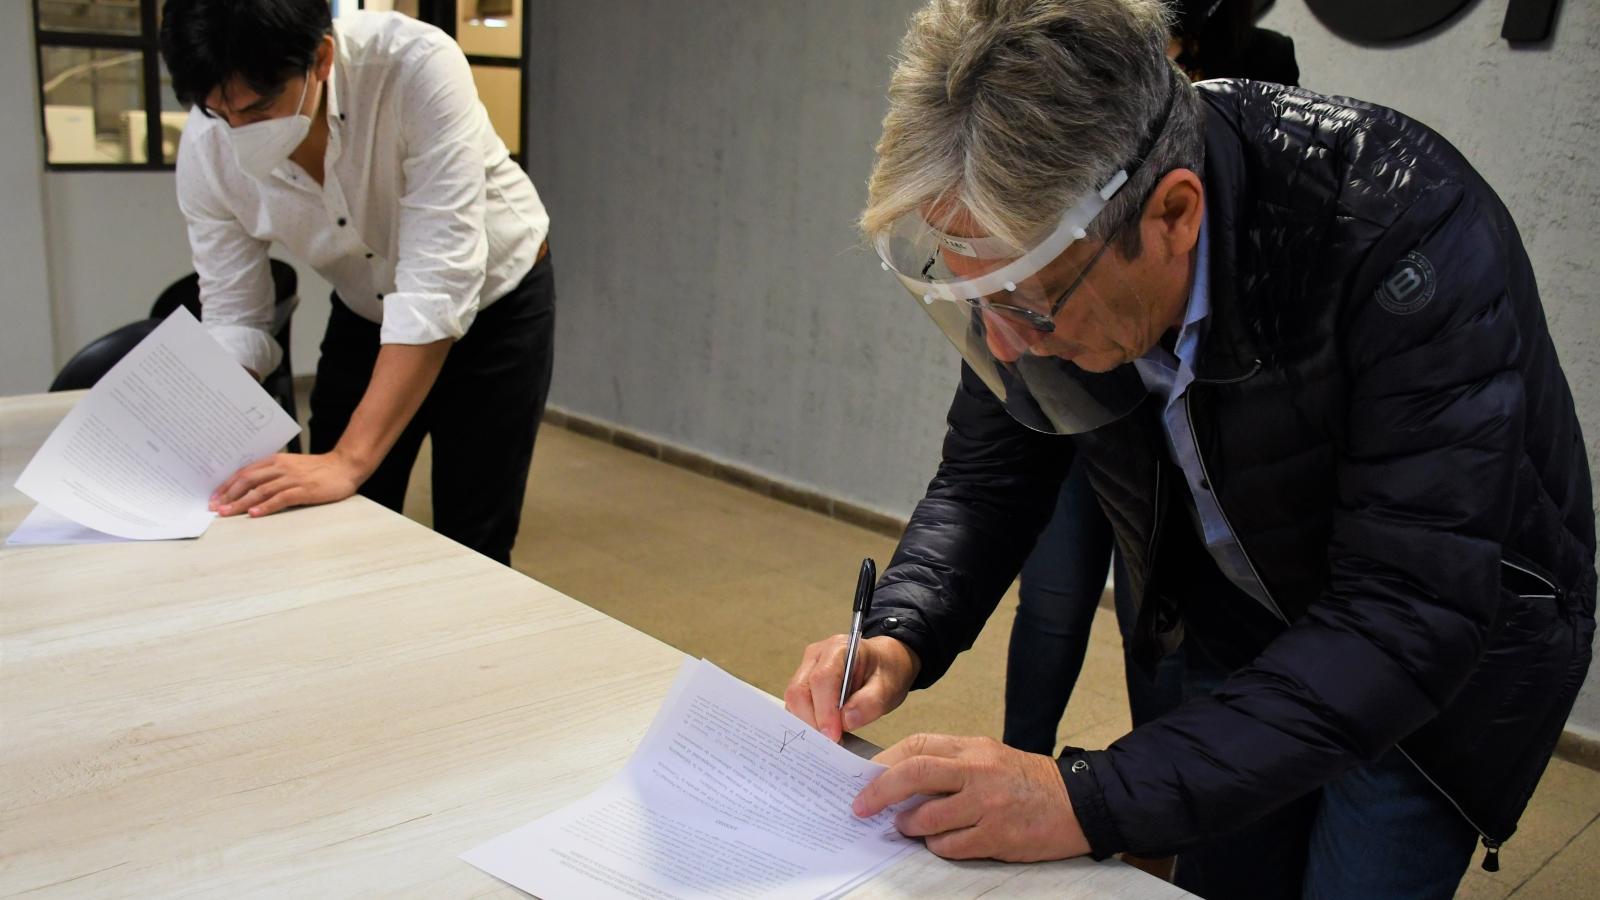 El presidente del IPRODICH, Lorenzo y el titular de ECOM, Vazquez, firmando convenio